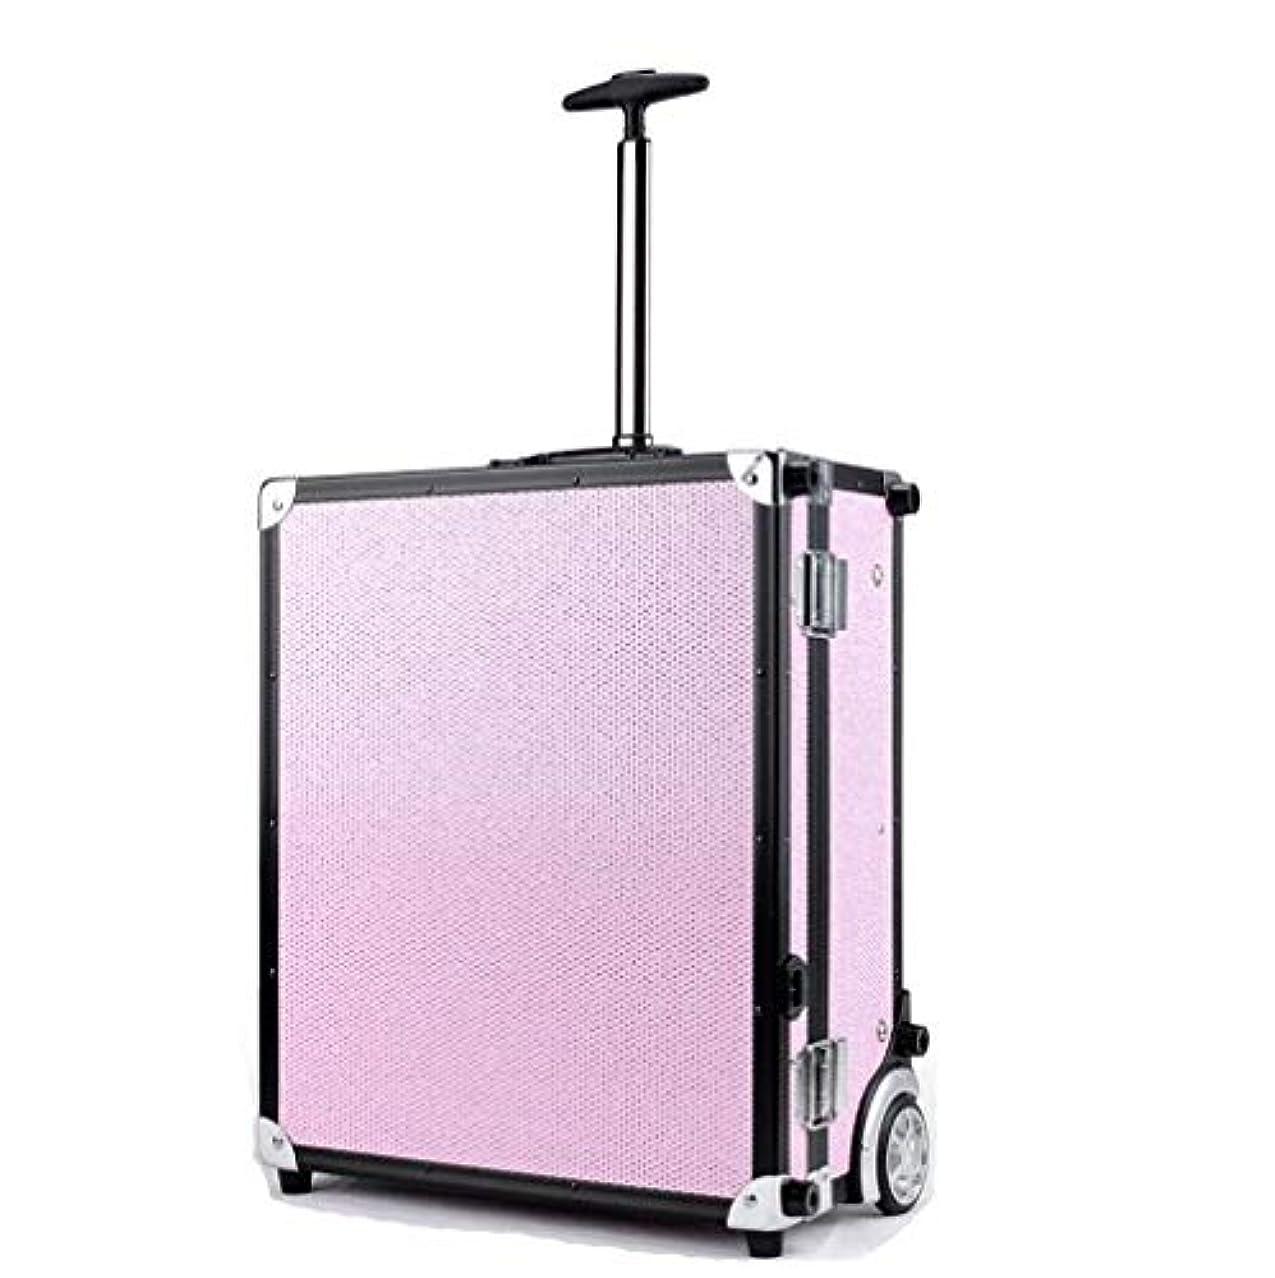 お別れメンバーオレンジBUMC 化粧トロリーケース、大きい化粧化粧列車、LEDライト付き、ダイヤモンドオーガナイザーボックス収納付きプロフェッショナル多層化粧品ケース